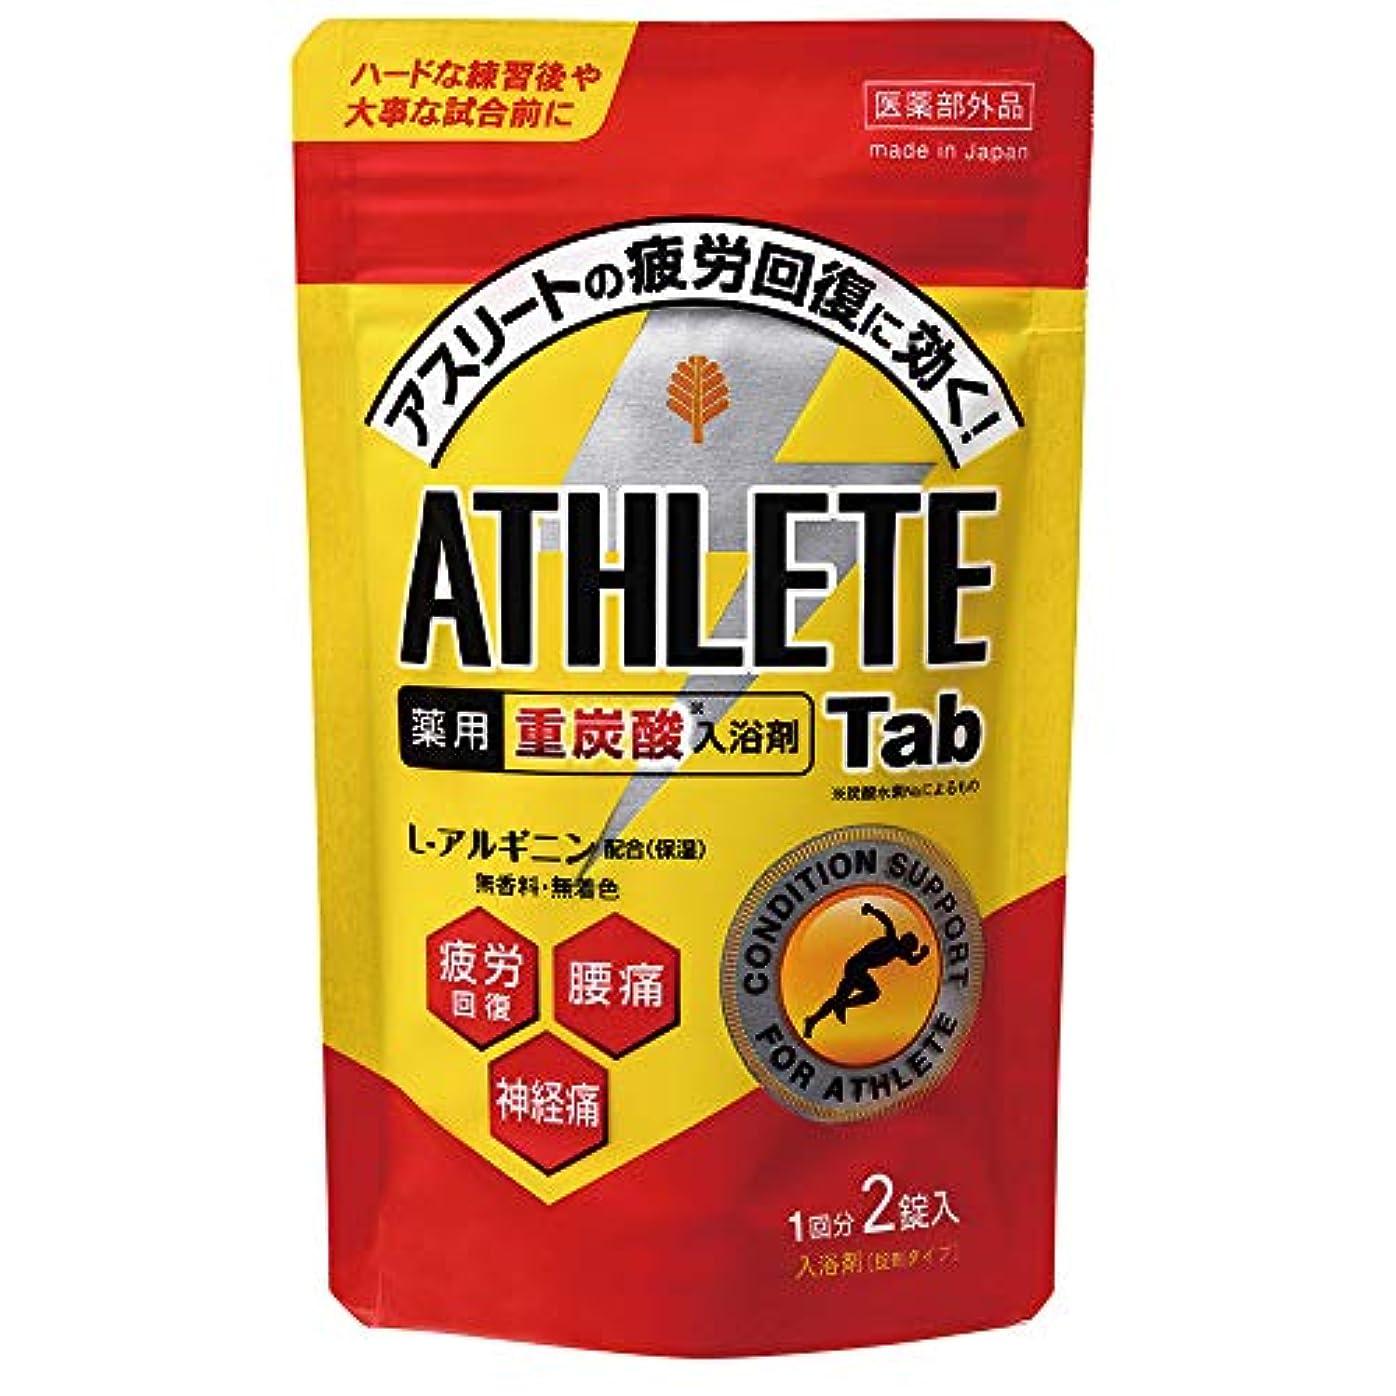 なんでもバット細い日本製 made in japan 薬用 ATHLETE Tab2錠x1パック BT-8572 【まとめ買い12個セット】